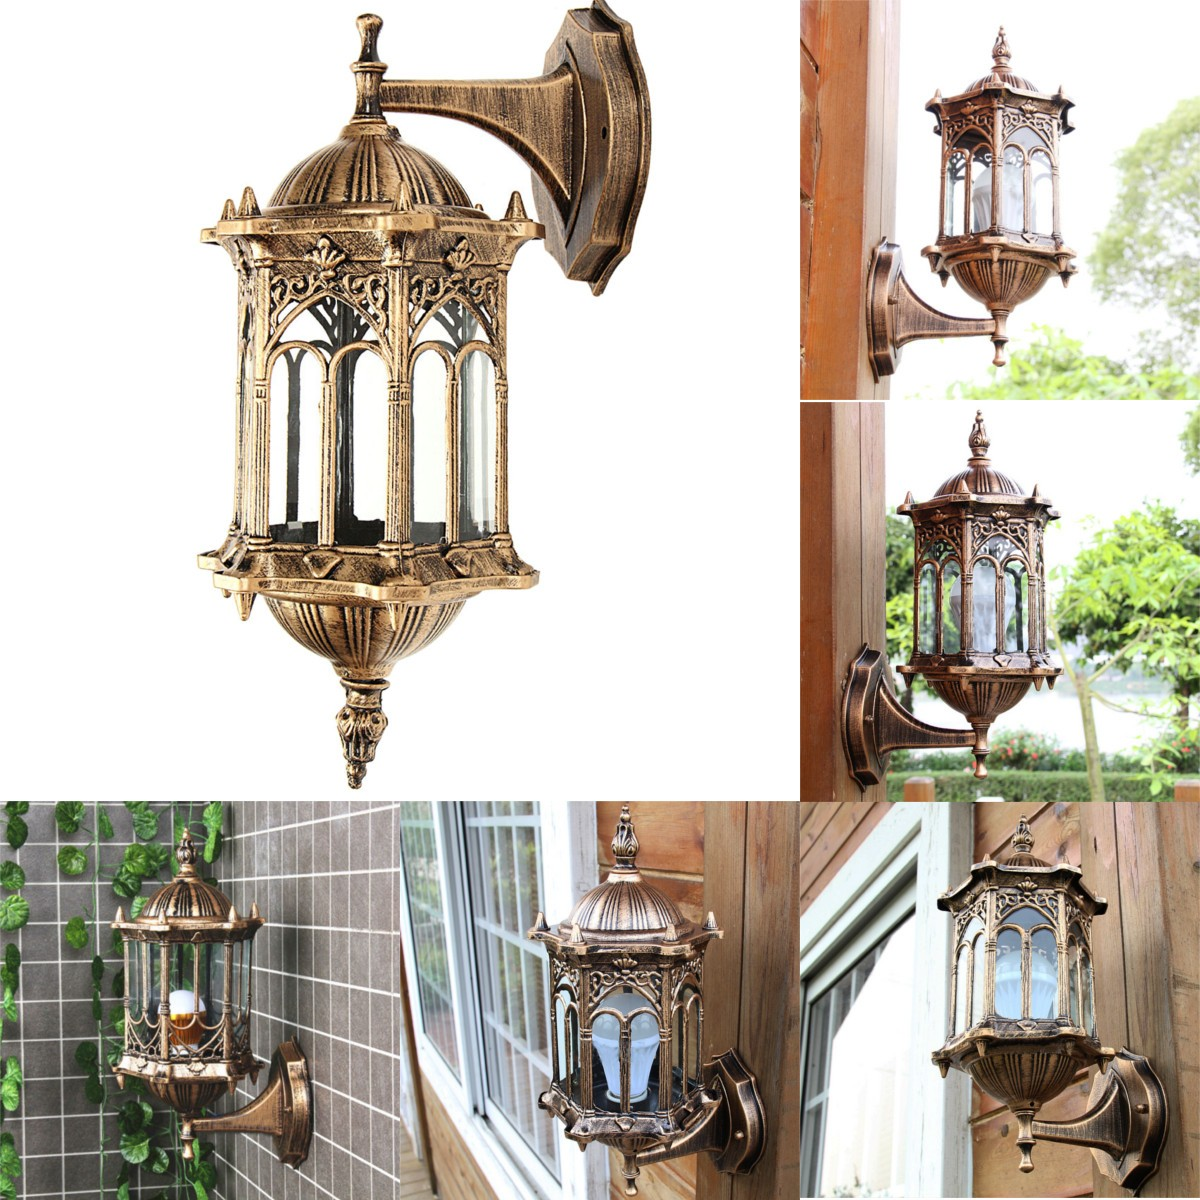 Outdoor Bronze Antique Exterior Wall Light Fixture Aluminum Glass Lantern Garden Lamp Alex NLD